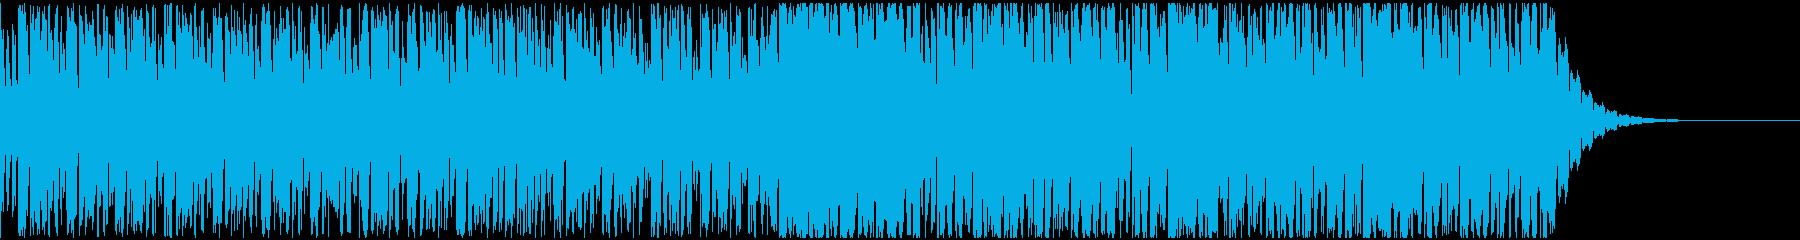 【EDM】ロング7、ミディアム3の再生済みの波形